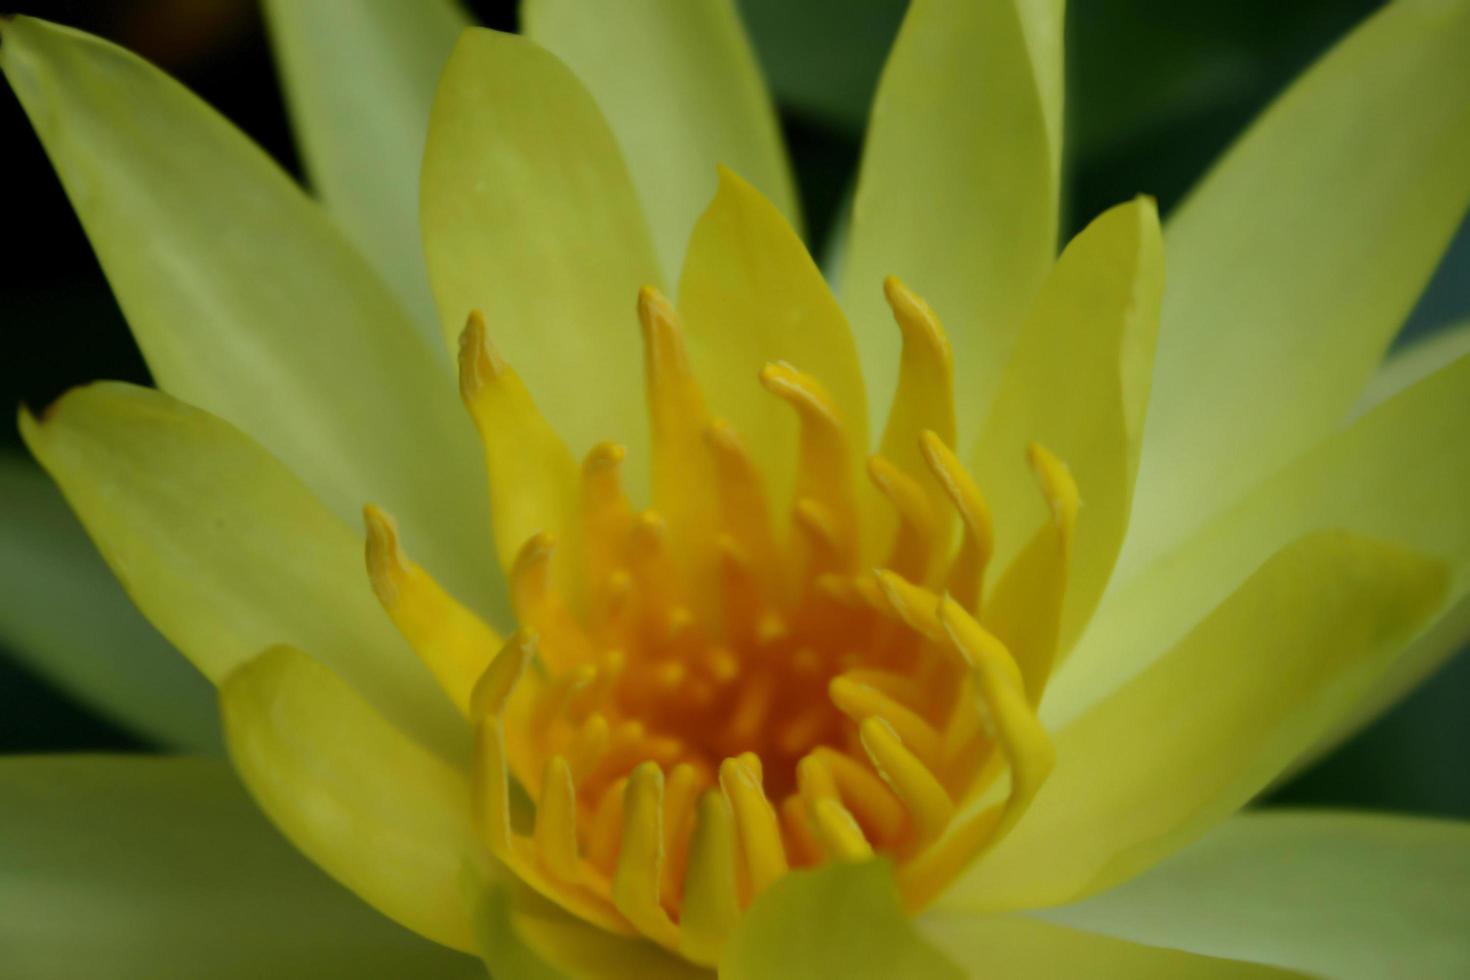 flor de loto amarilla sobre negro foto